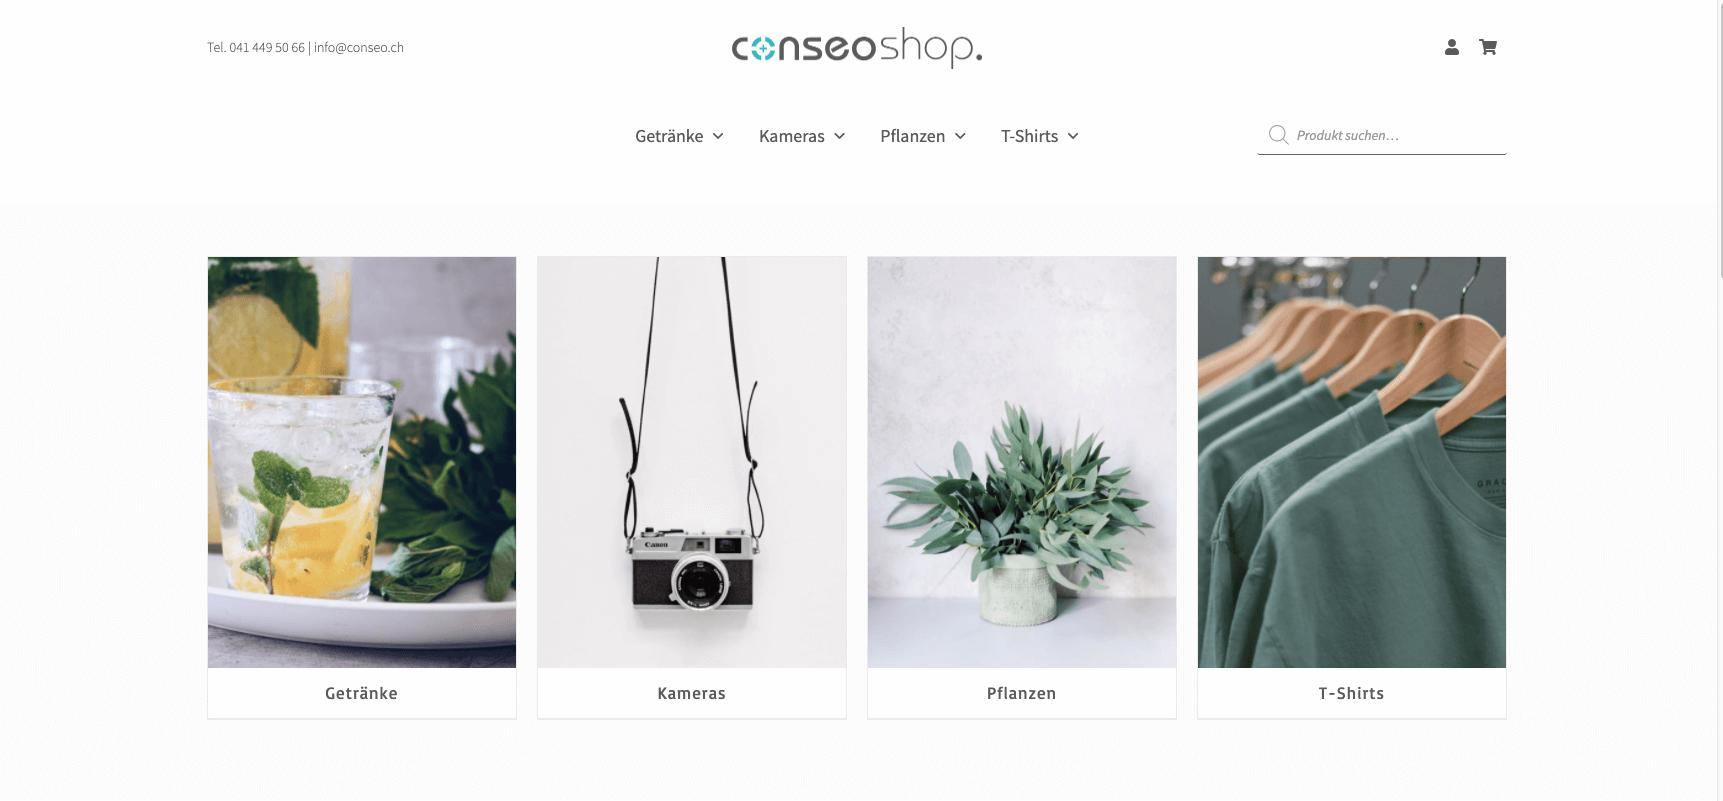 Conseo Shop | profssioneller Onlineshop | Design & Benutzerführung